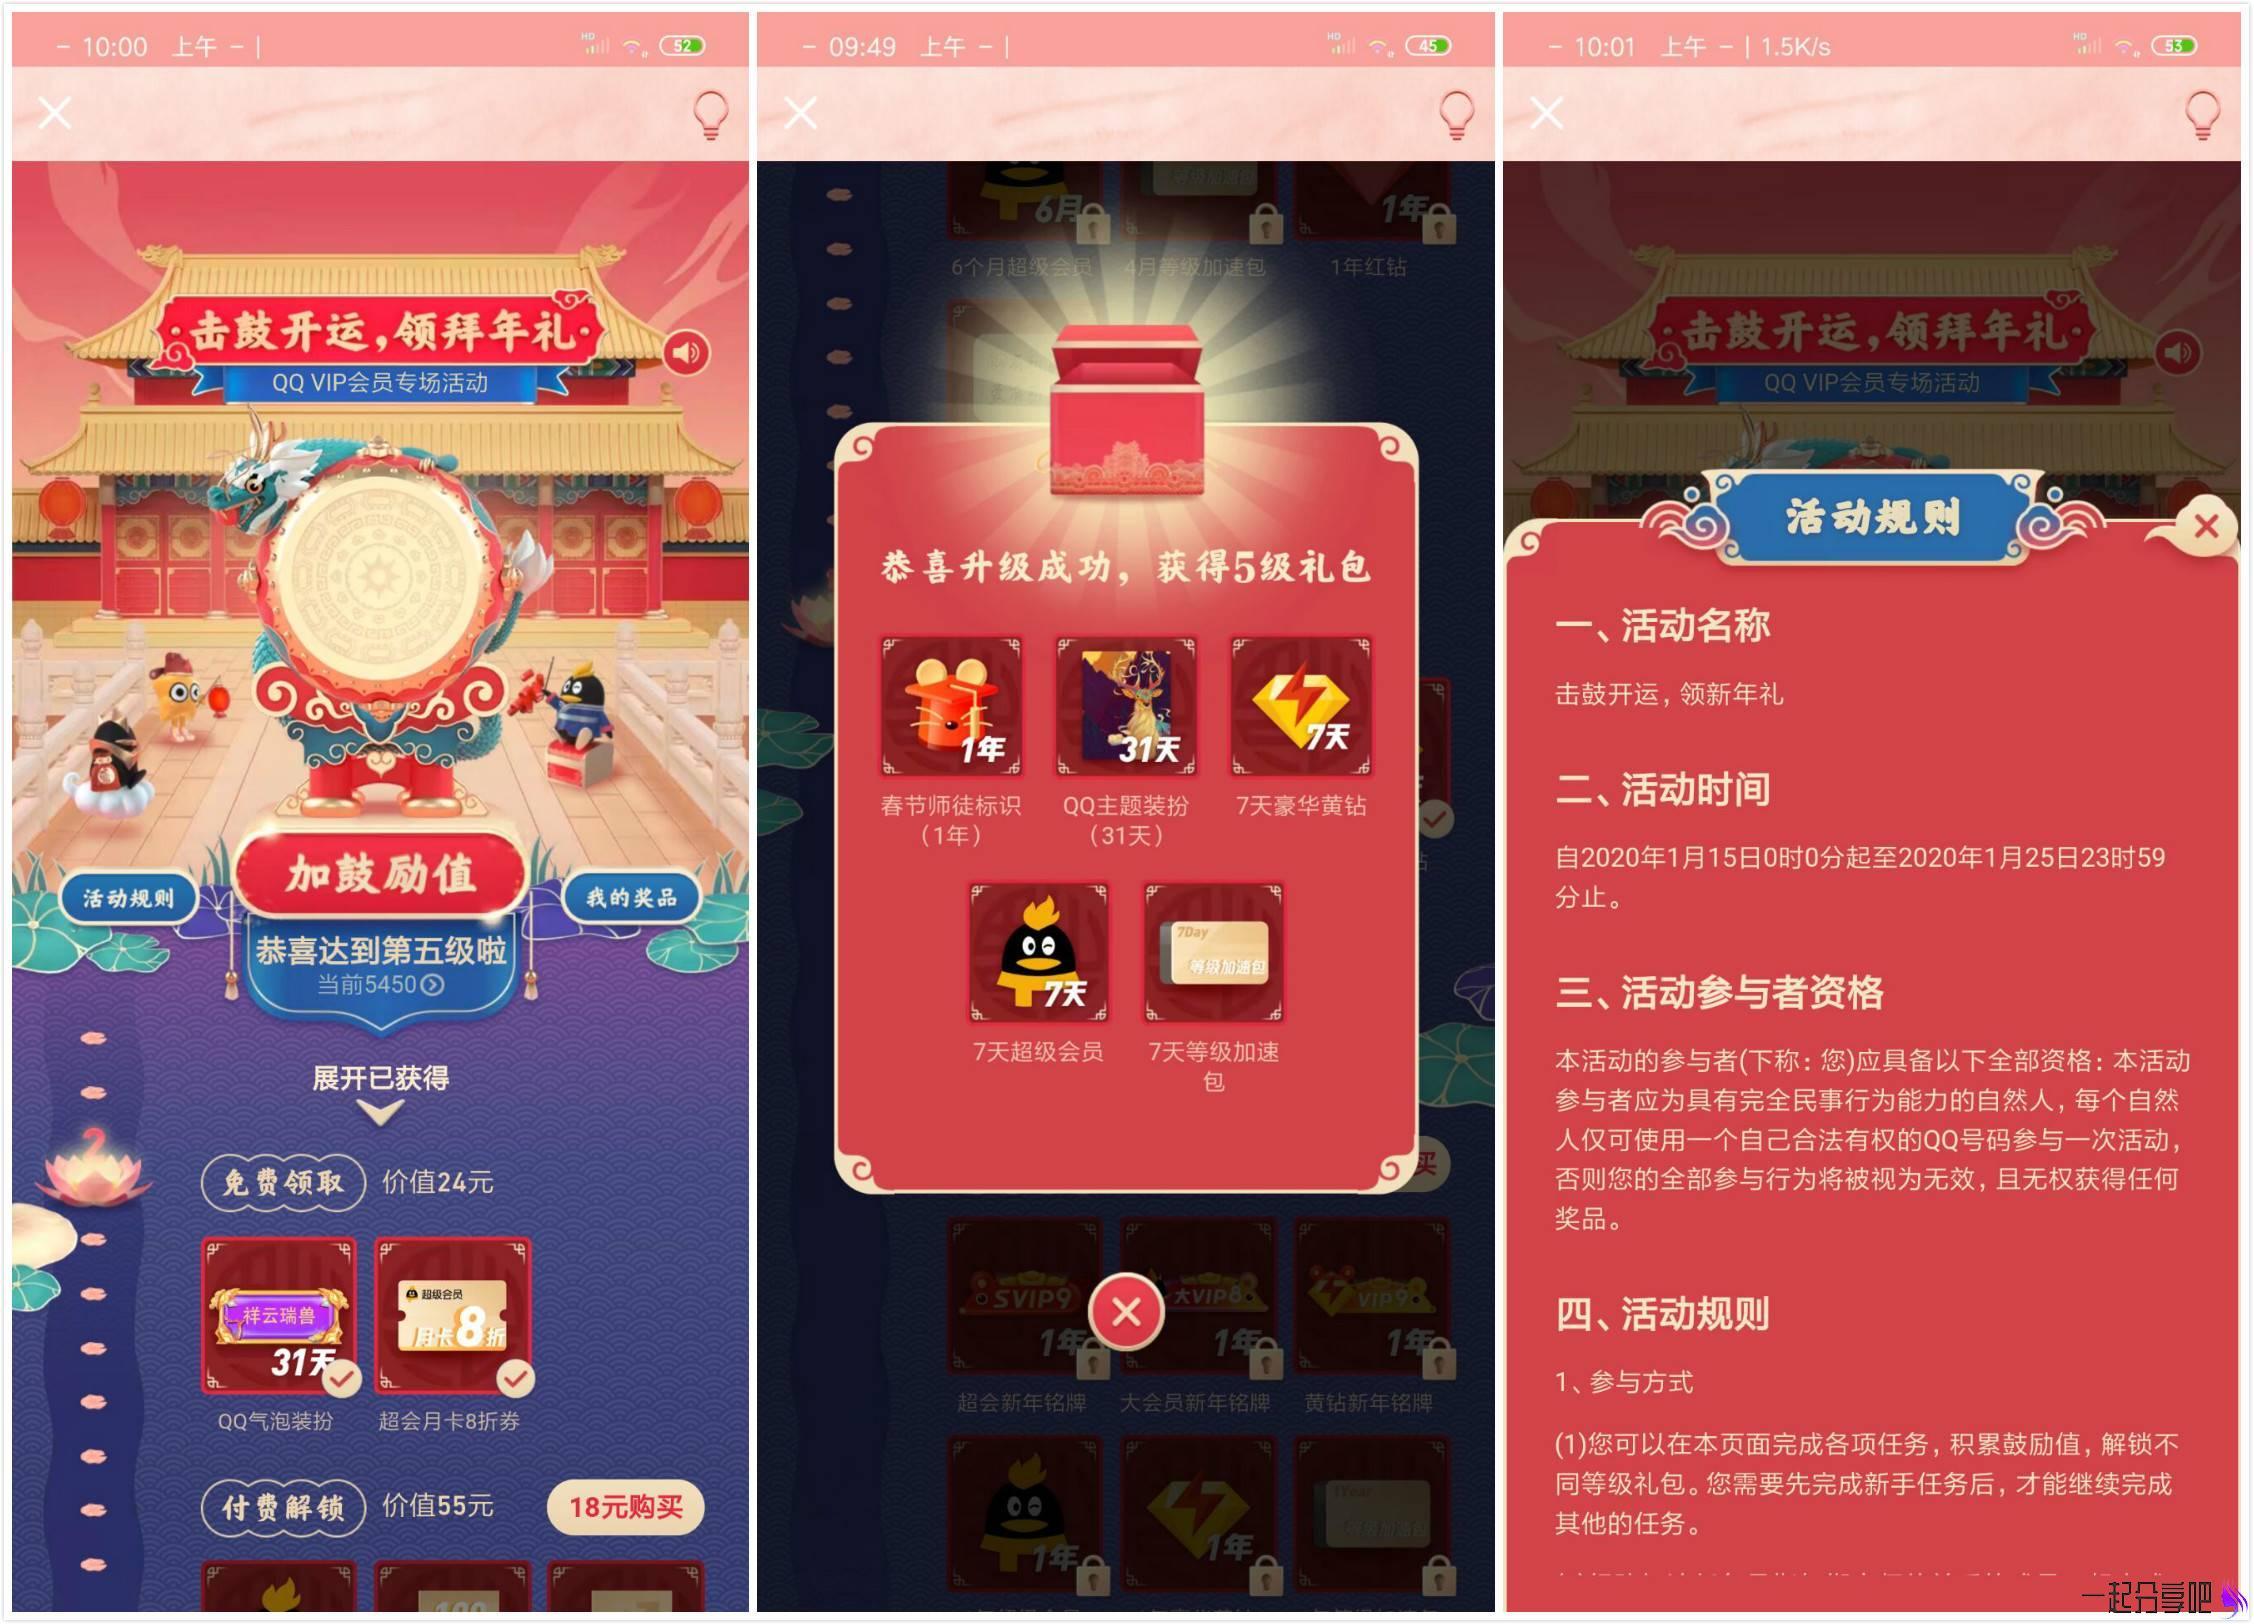 手机QQ免费领7天超会黄钻等级加速包 第1张